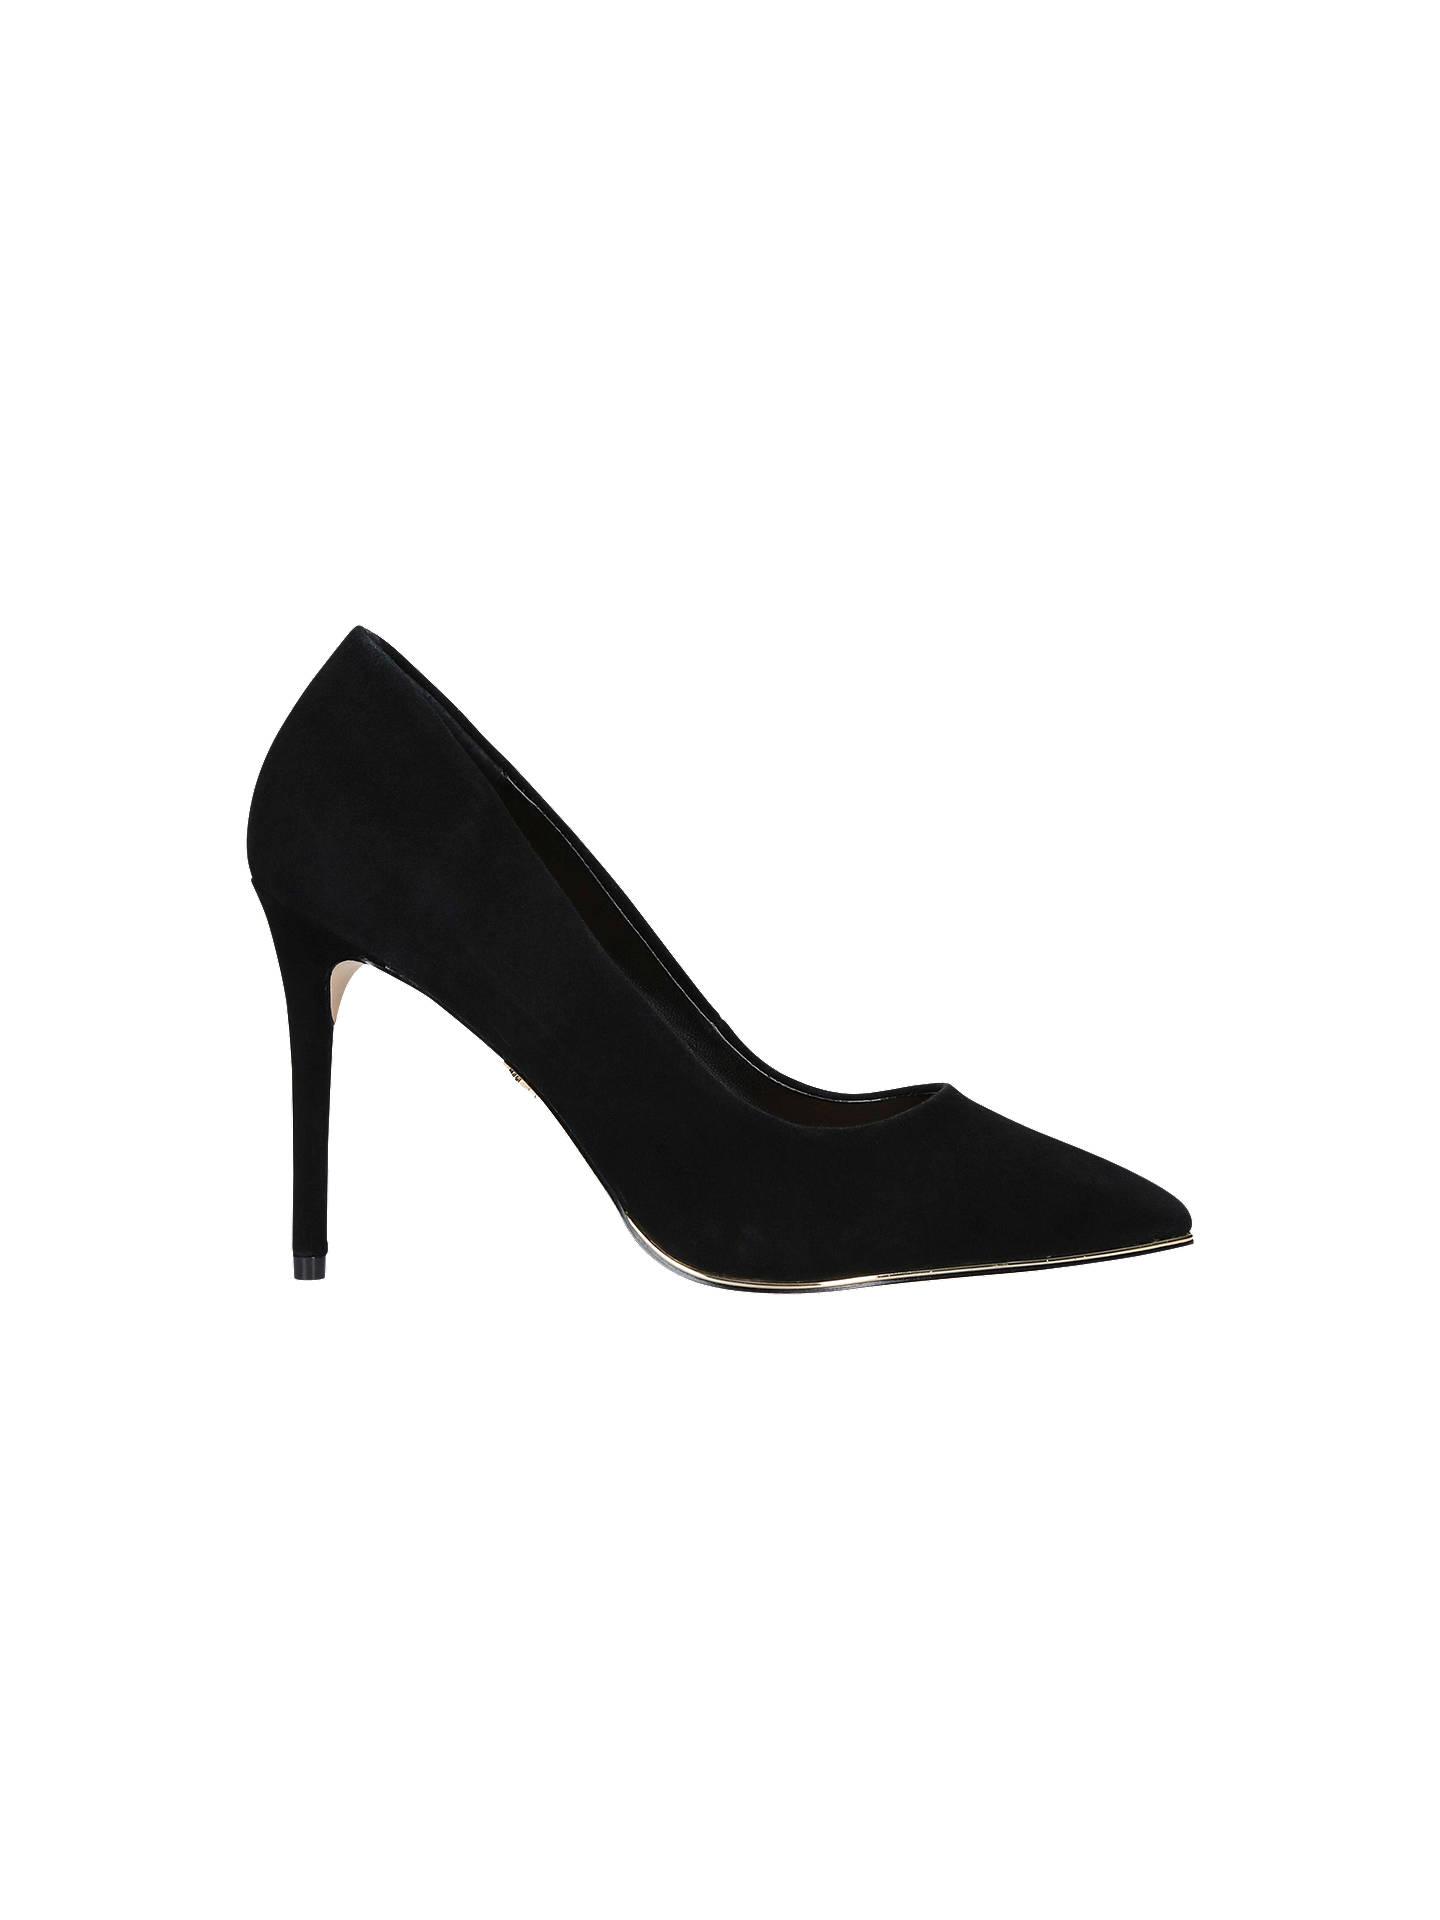 Kurt Geiger London Audley High Heel Court Shoes, Black Suede by Kurt Geiger London